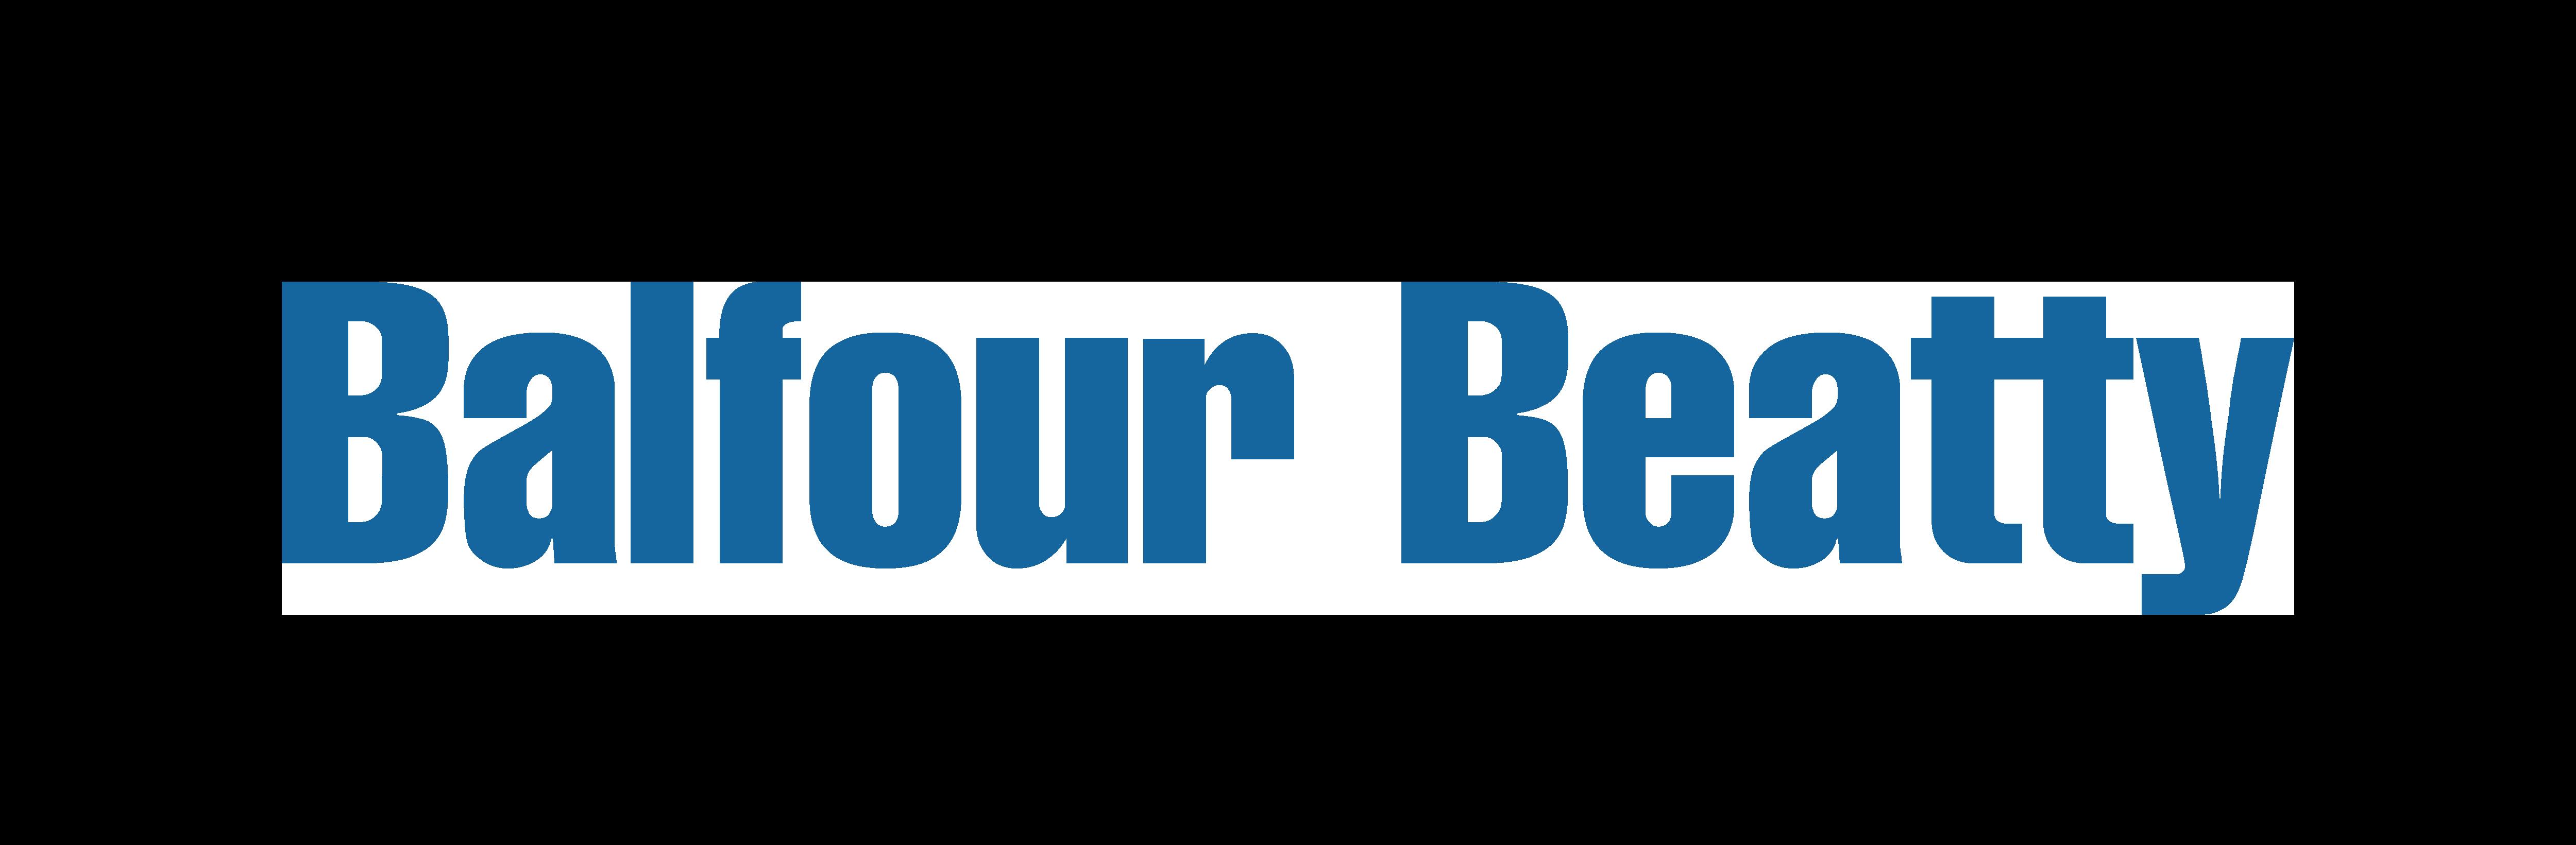 Balfour Beatty u2013 Logos Download